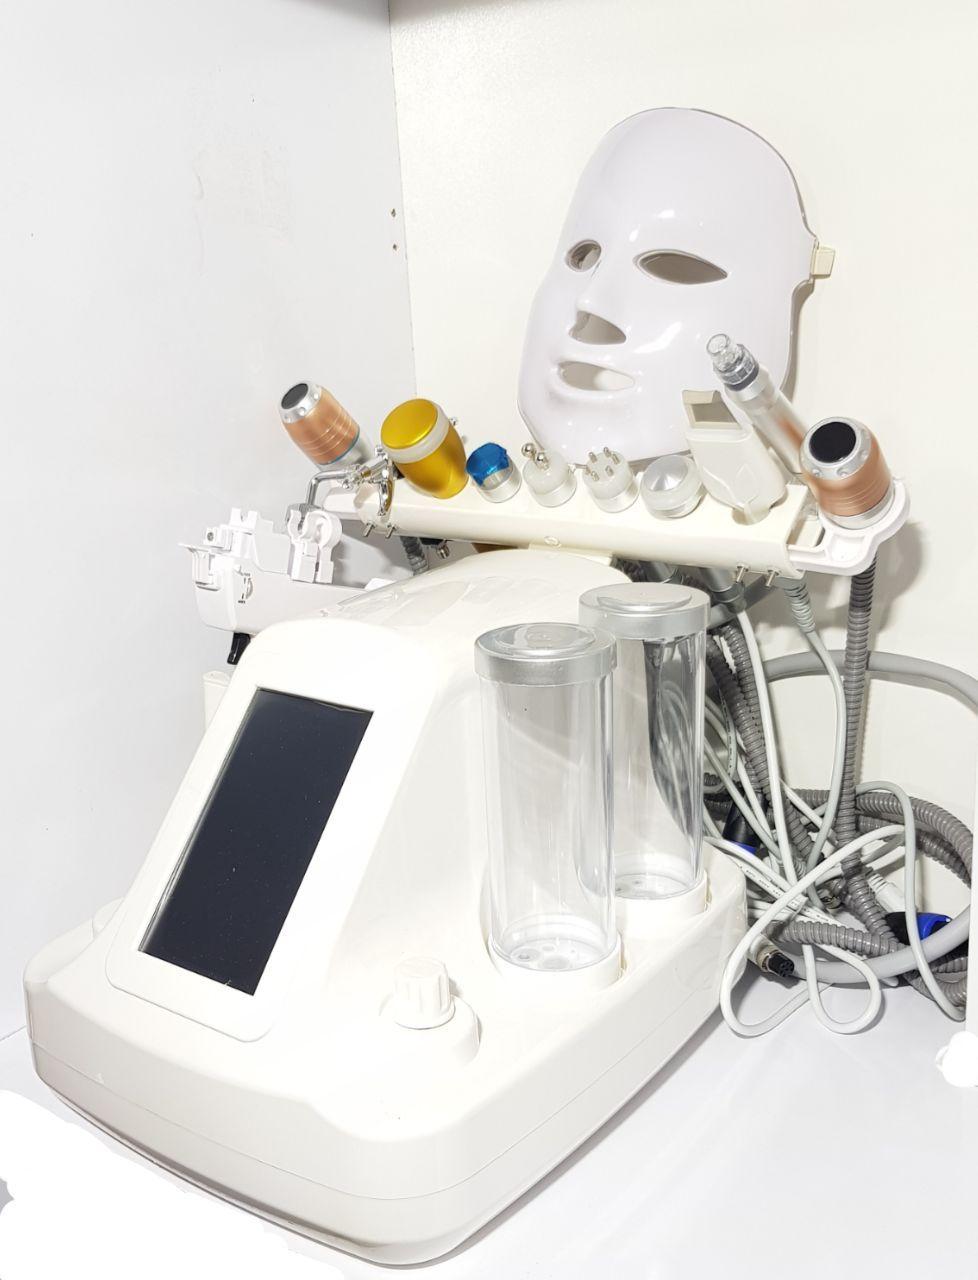 دستگاه آکوافیشیال 12 کاره مجهز به هایفو ویمکس و درما اف حسگر